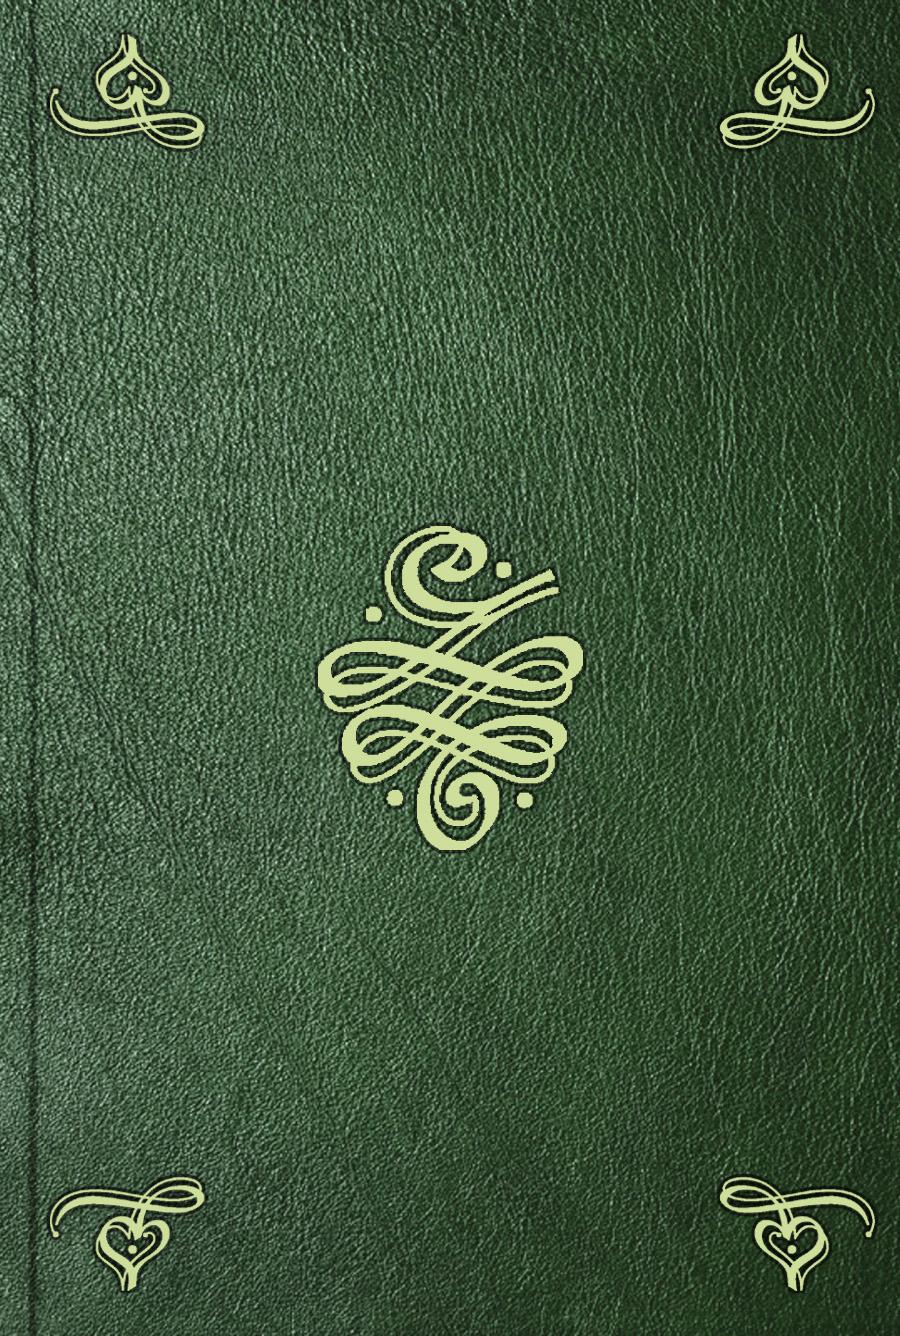 Johann Gottfried Herder Briefe zu Beförderung der Humanität. Sammlung 4 johann gottfried herder poesien